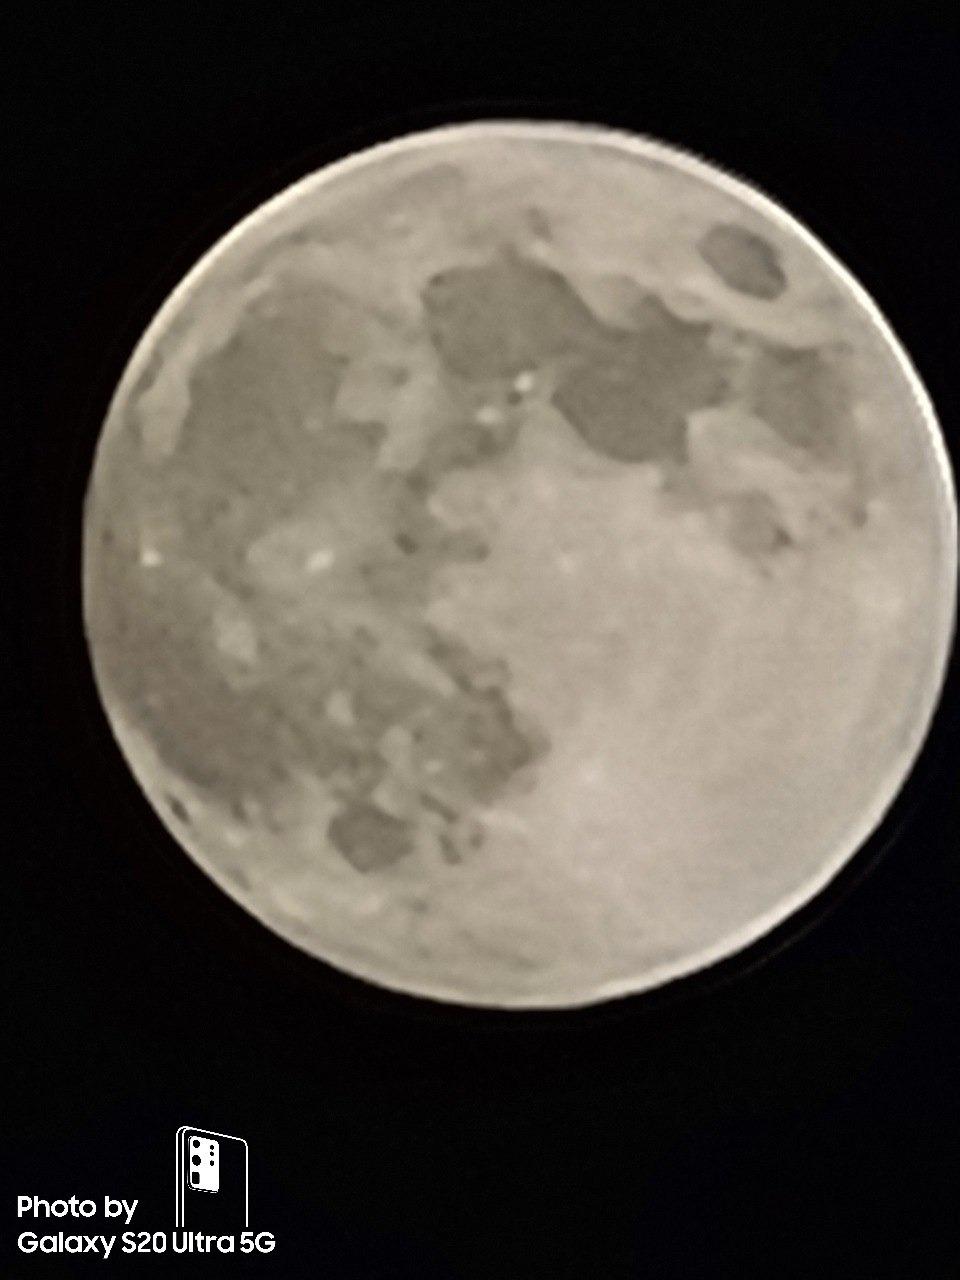 Galaxy S20 Ultra luna Zoom x100